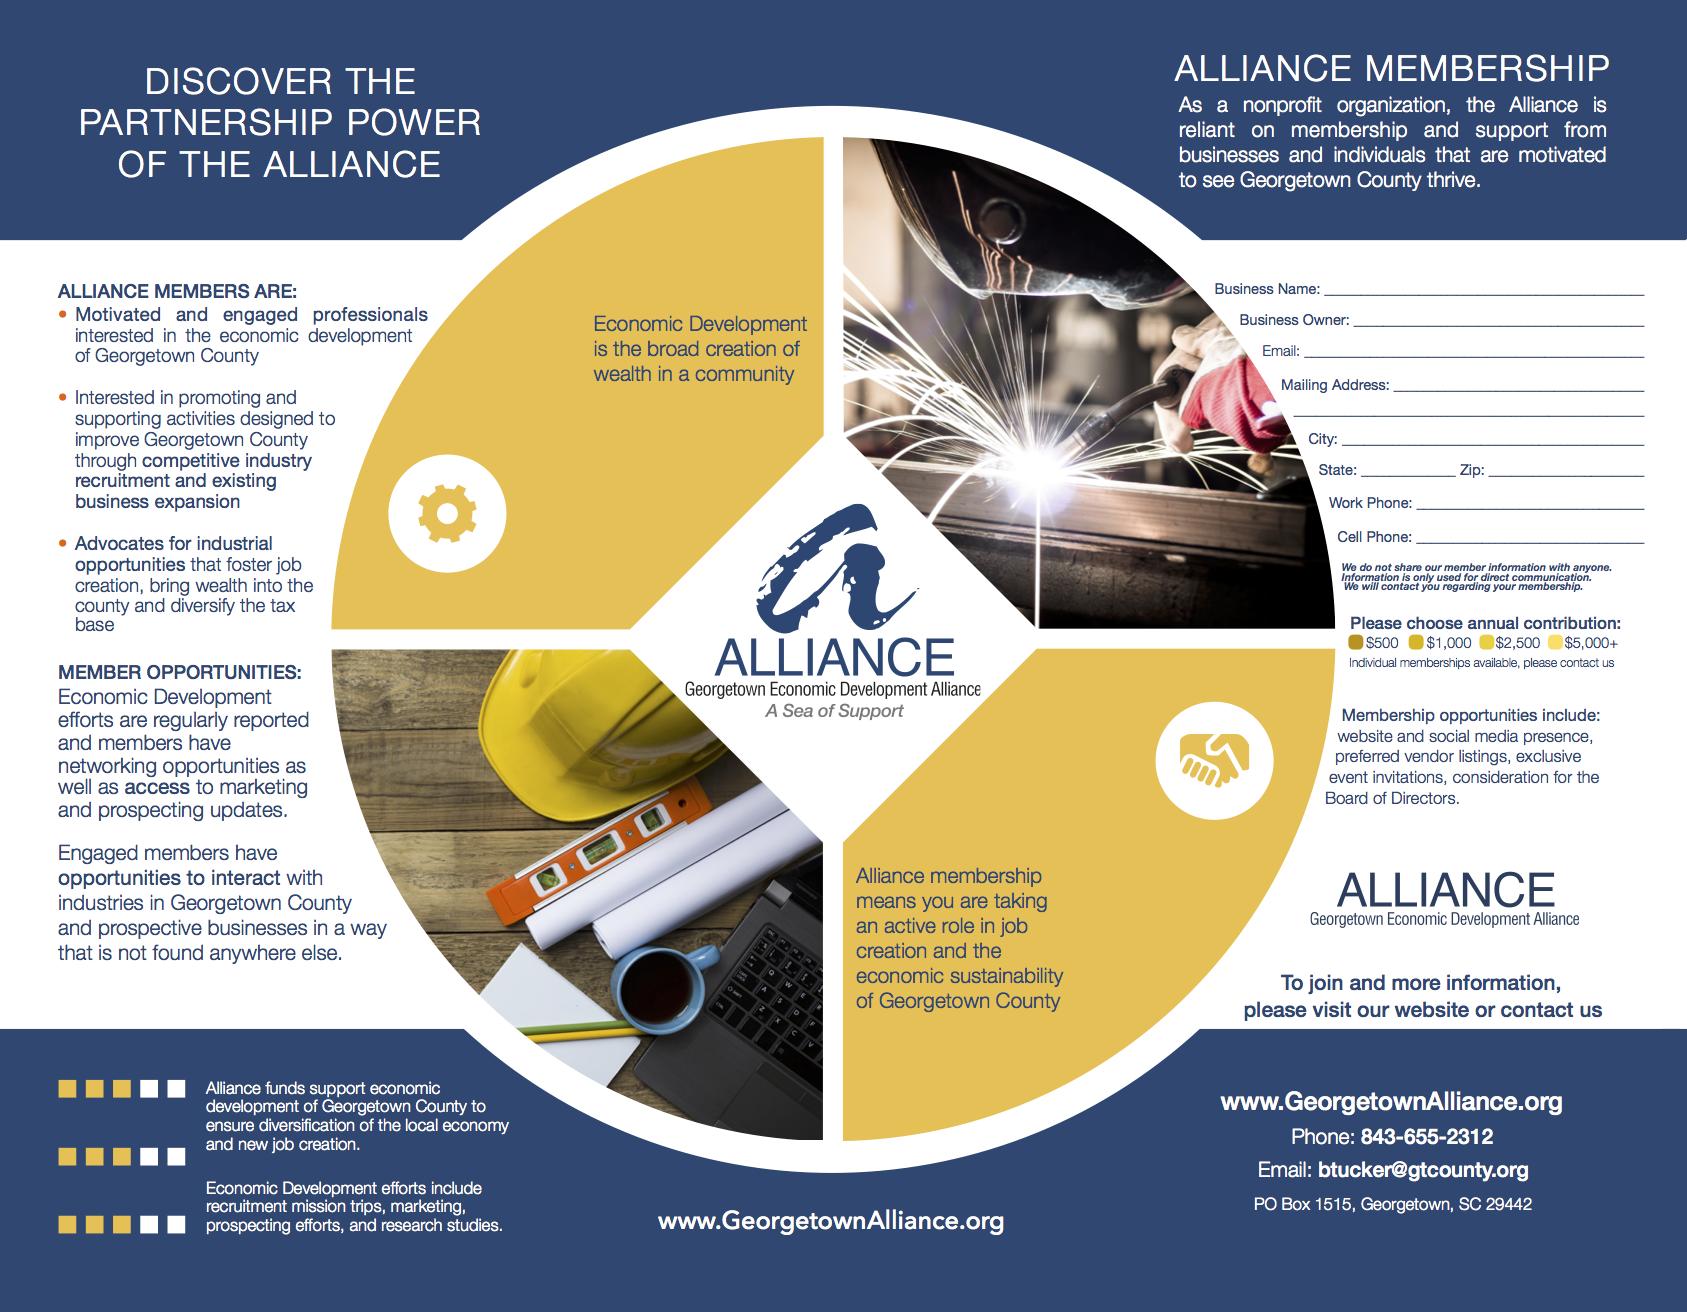 GTC Alliance Membership Brochure D7 Final 030816 copy INSIDE